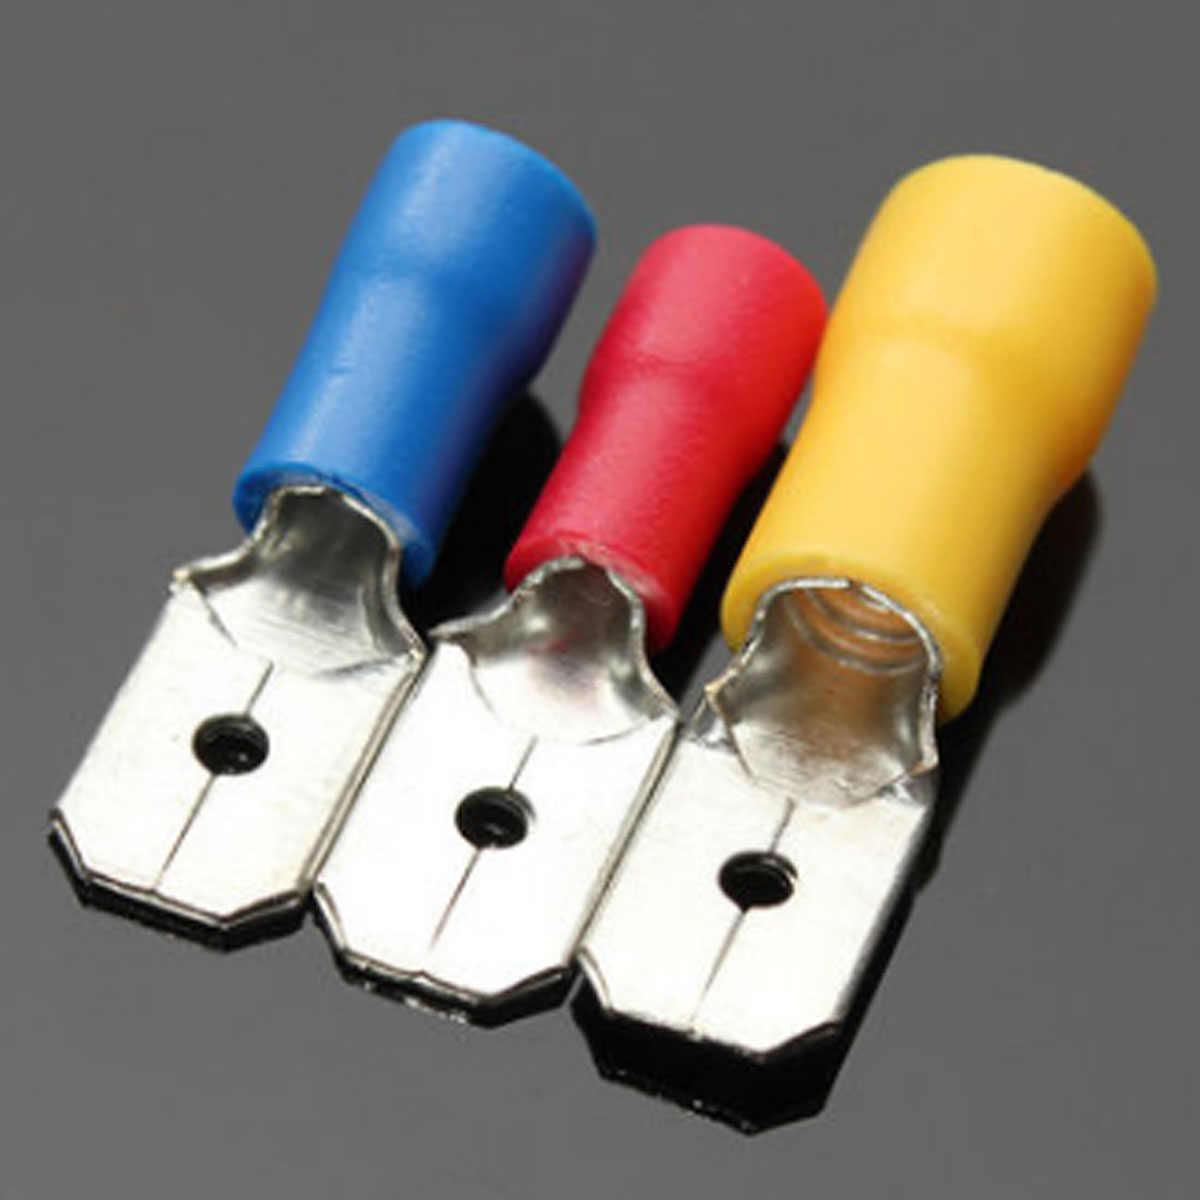 Excellway Ассорти 280 шт Изолированная вилка u-типа набор терминалов Разъемы Ассортимент Комплект Электрический обжимной Лопата кольцо